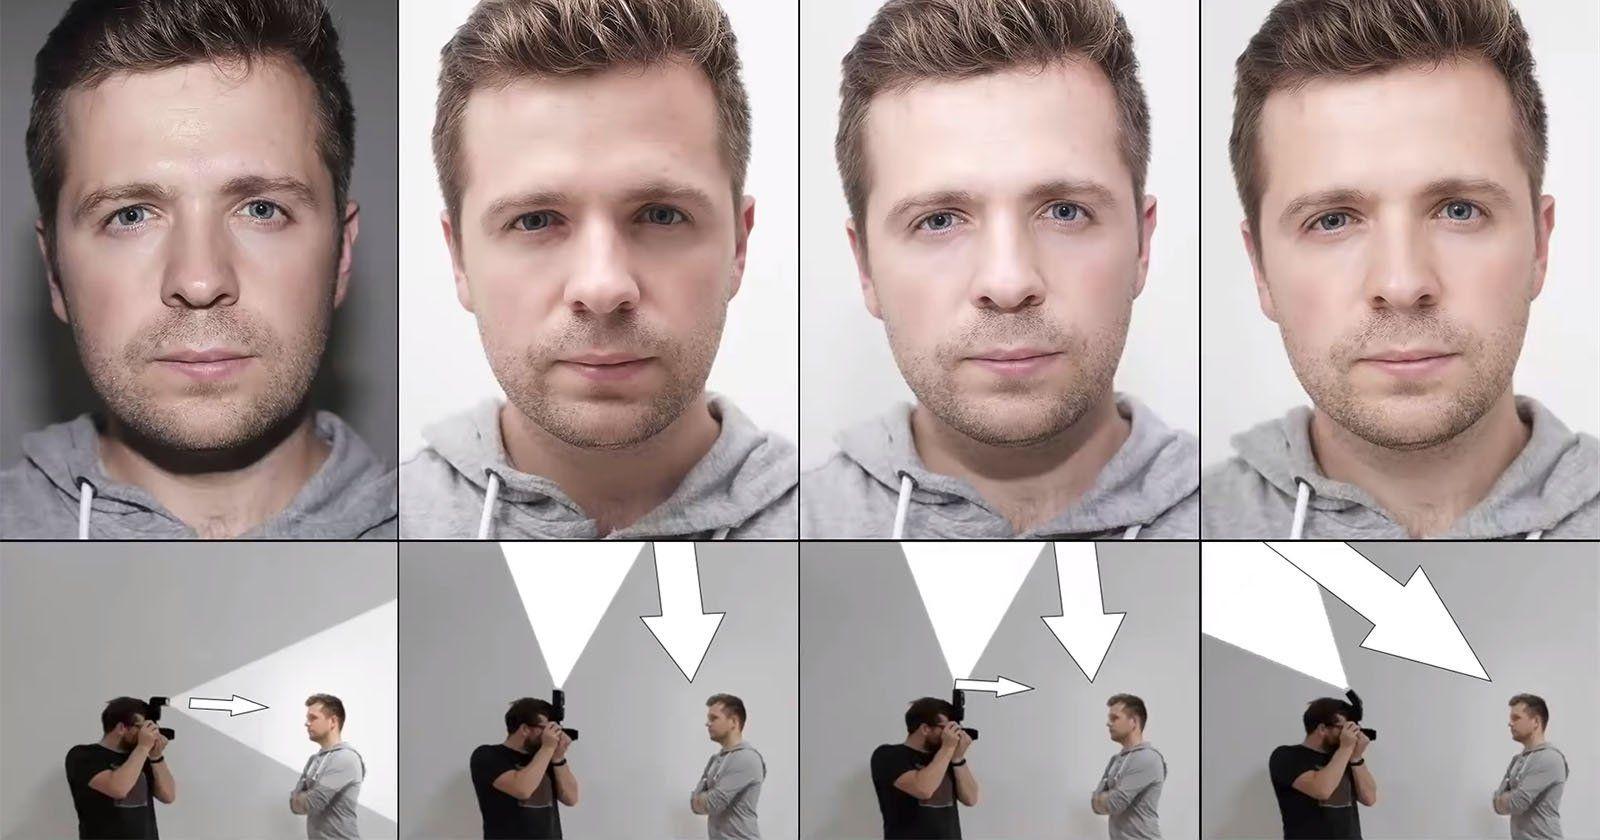 правильное направление света на фото касается даже тех